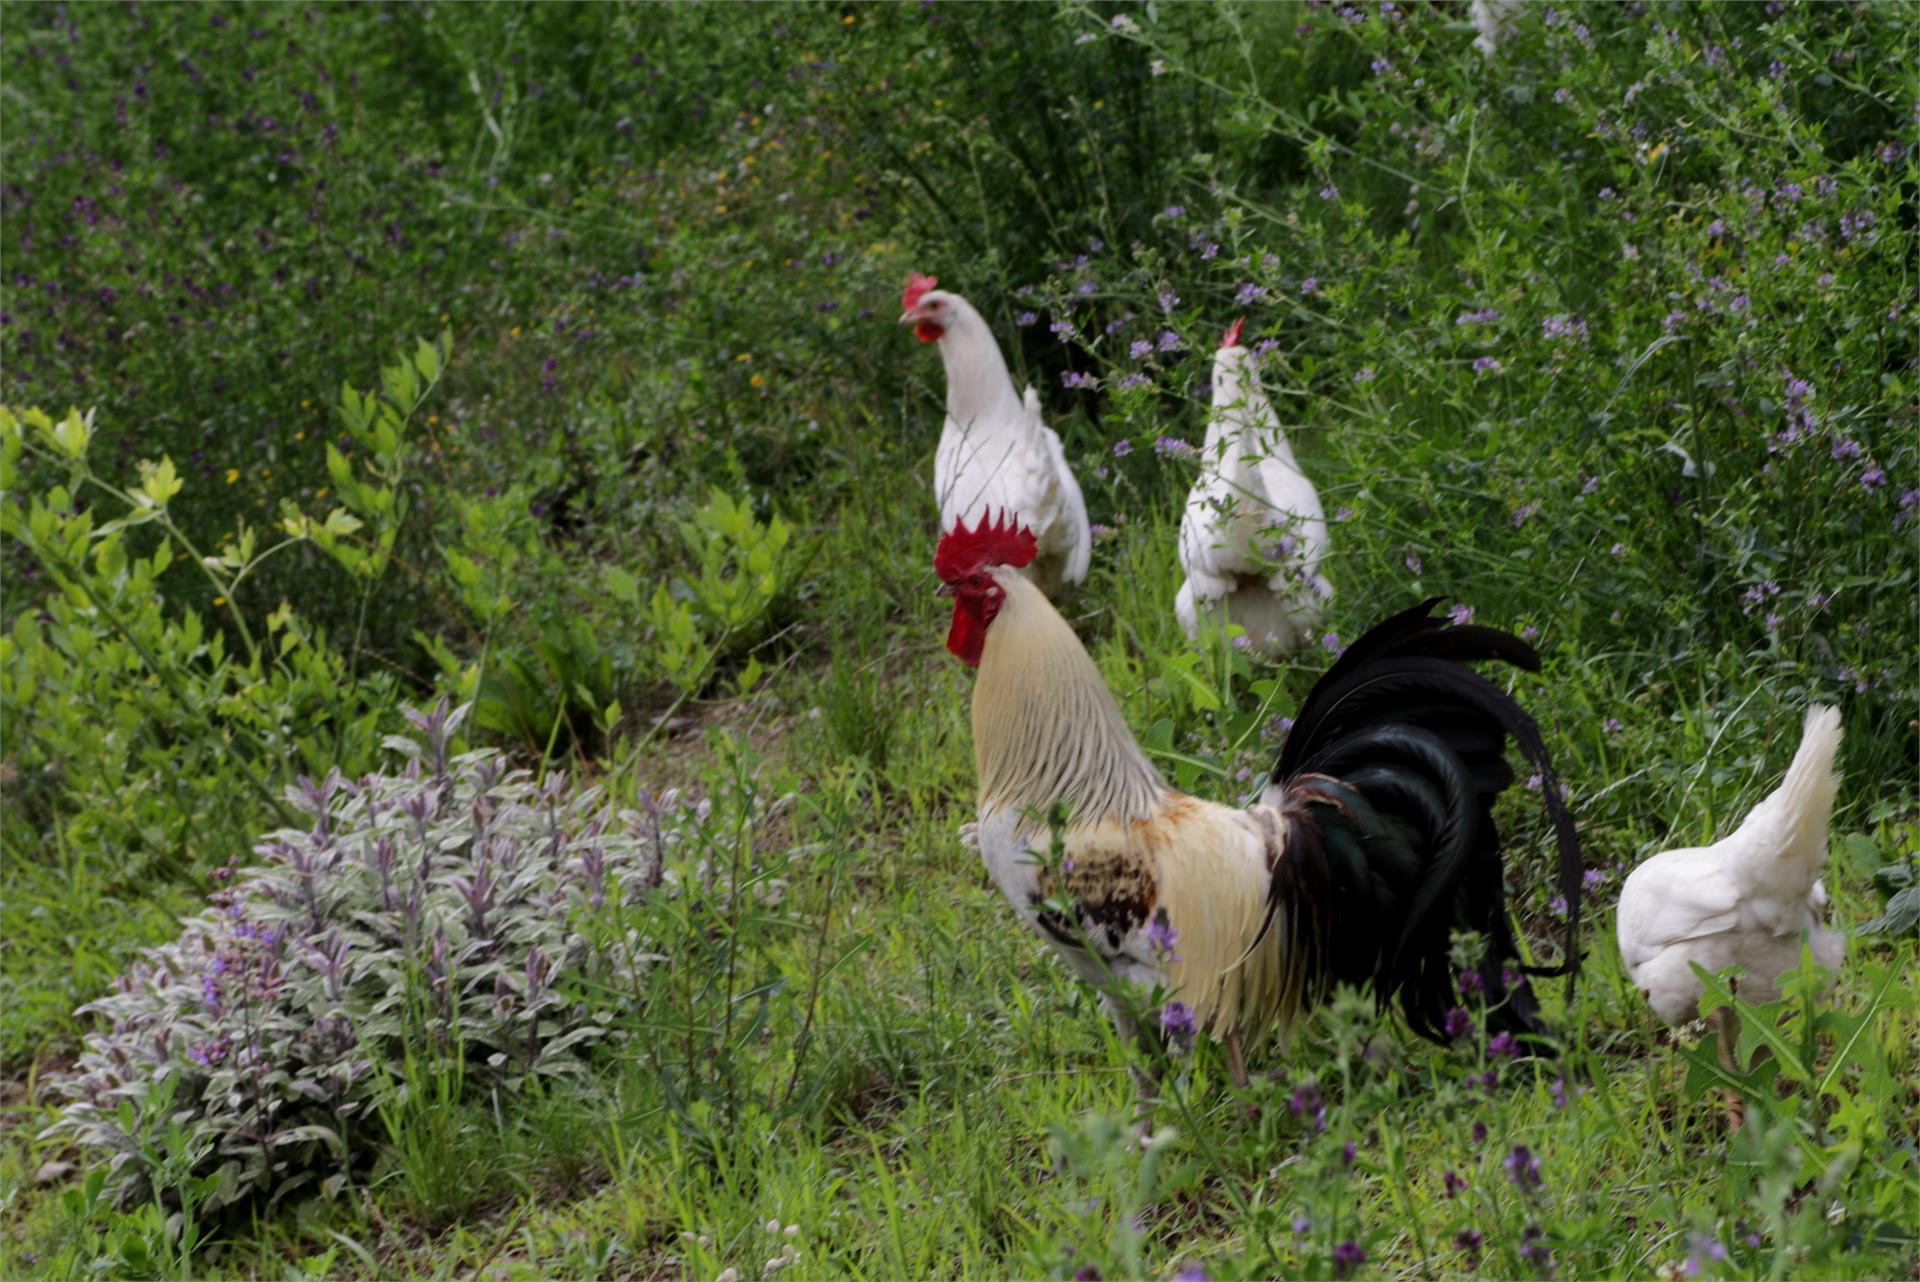 Unsere glücklichen Hühner mit ihrem schönen Hahn